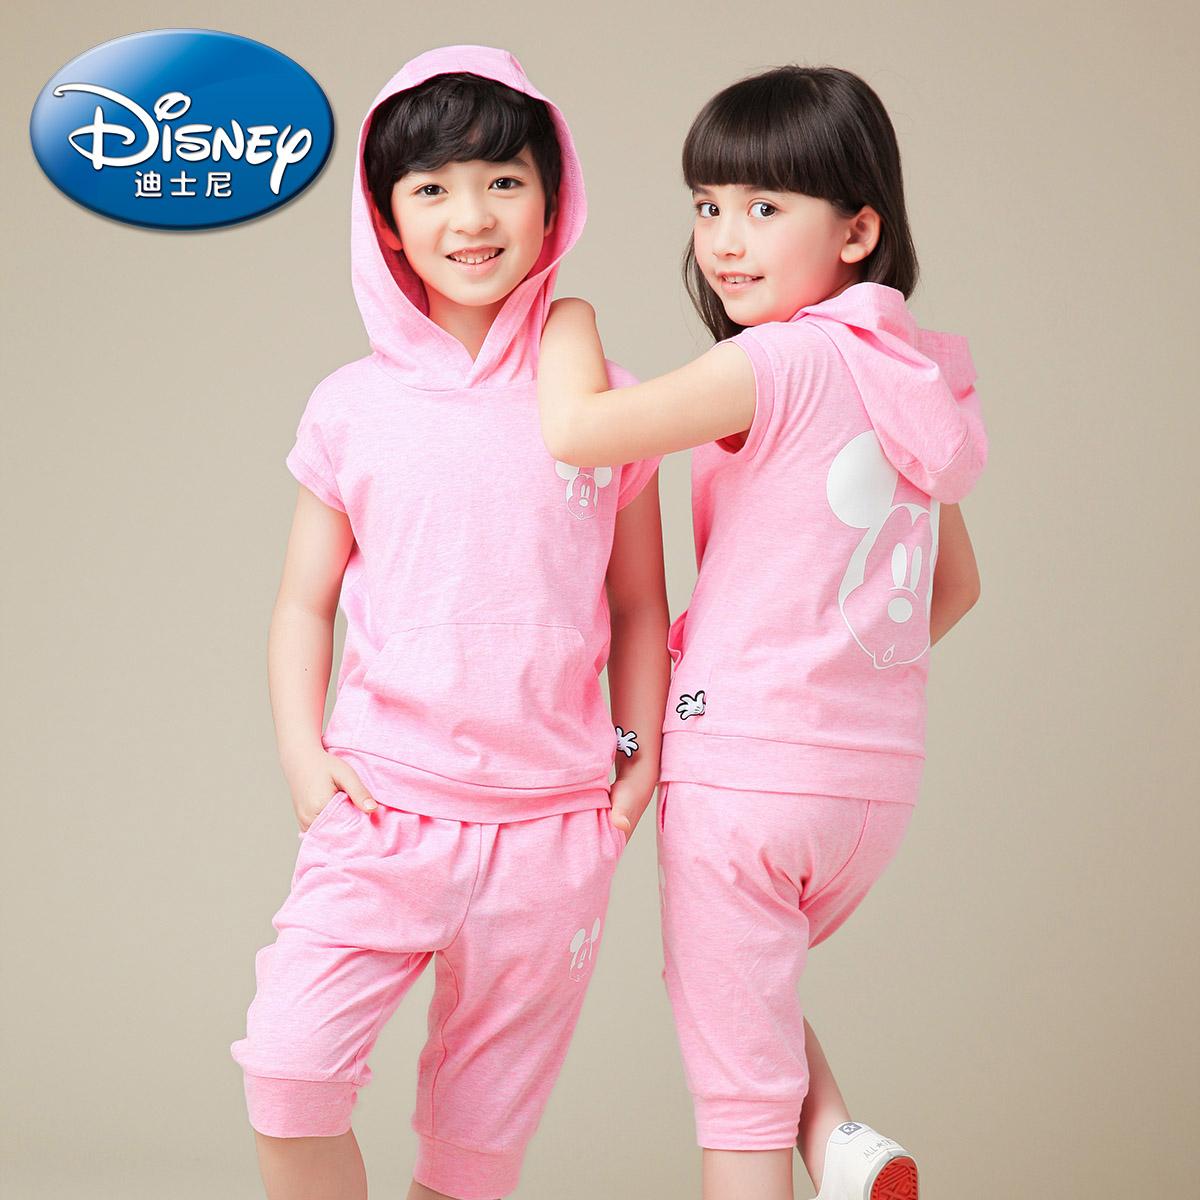 детский костюм Disney kx517012 2015 детский костюм 260 2015